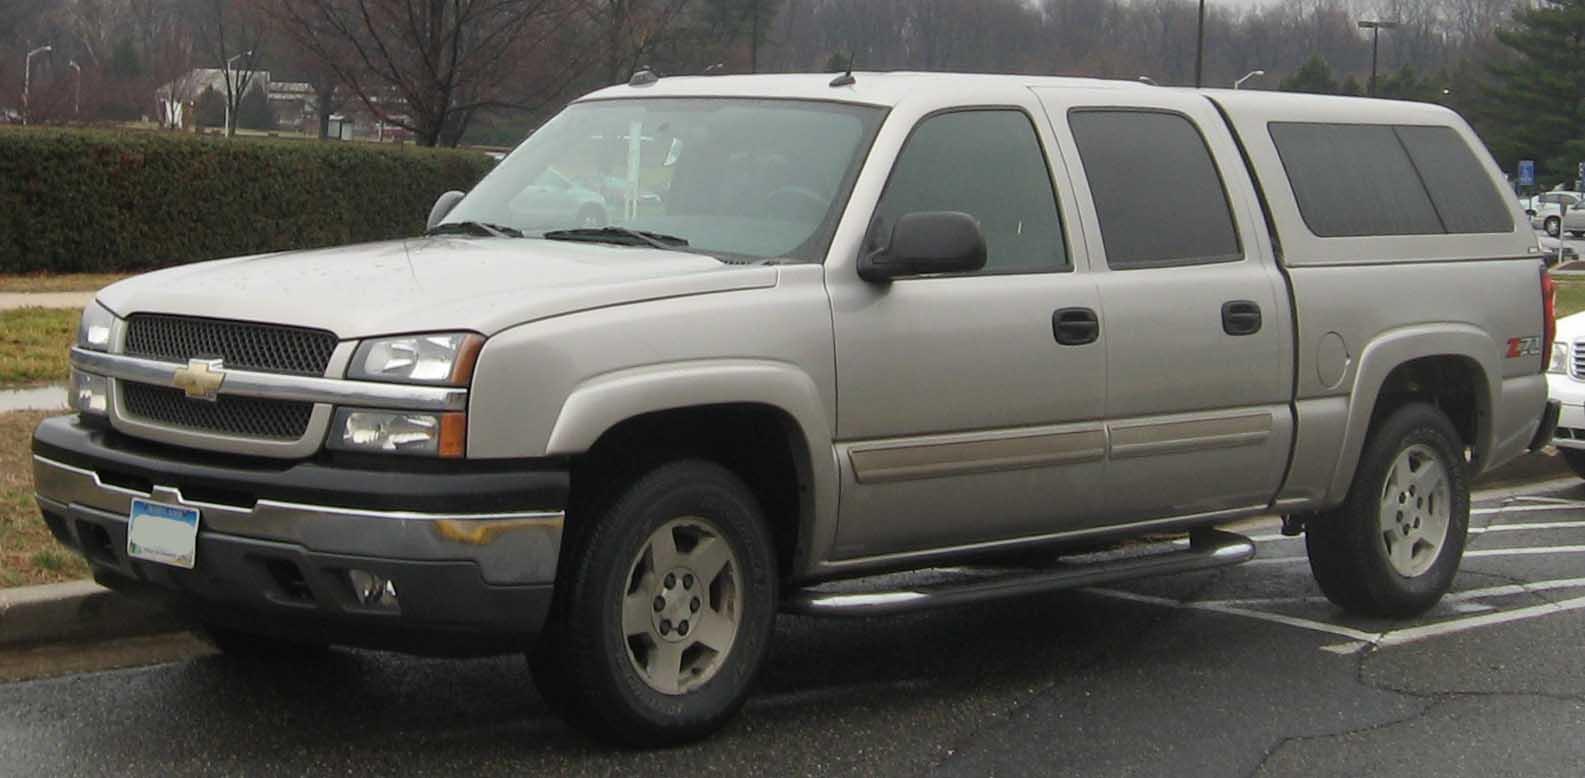 File:03-05 Chevrolet Silverado crew cab.jpg - Wikimedia Commons